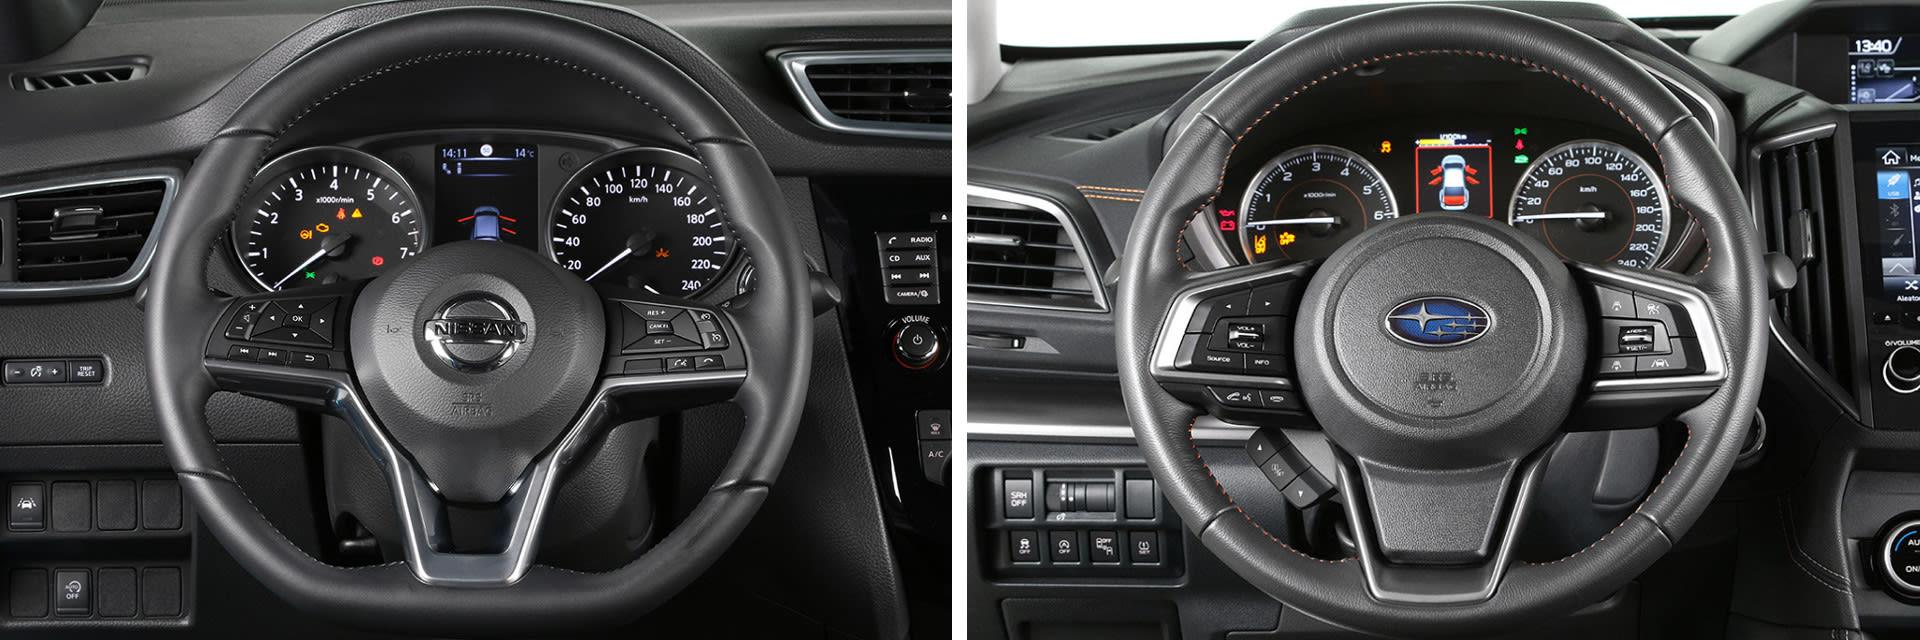 El volante del Nissan Qashqai (izq.) tiene menos ajustes que el del Subaru XV (dcha.)